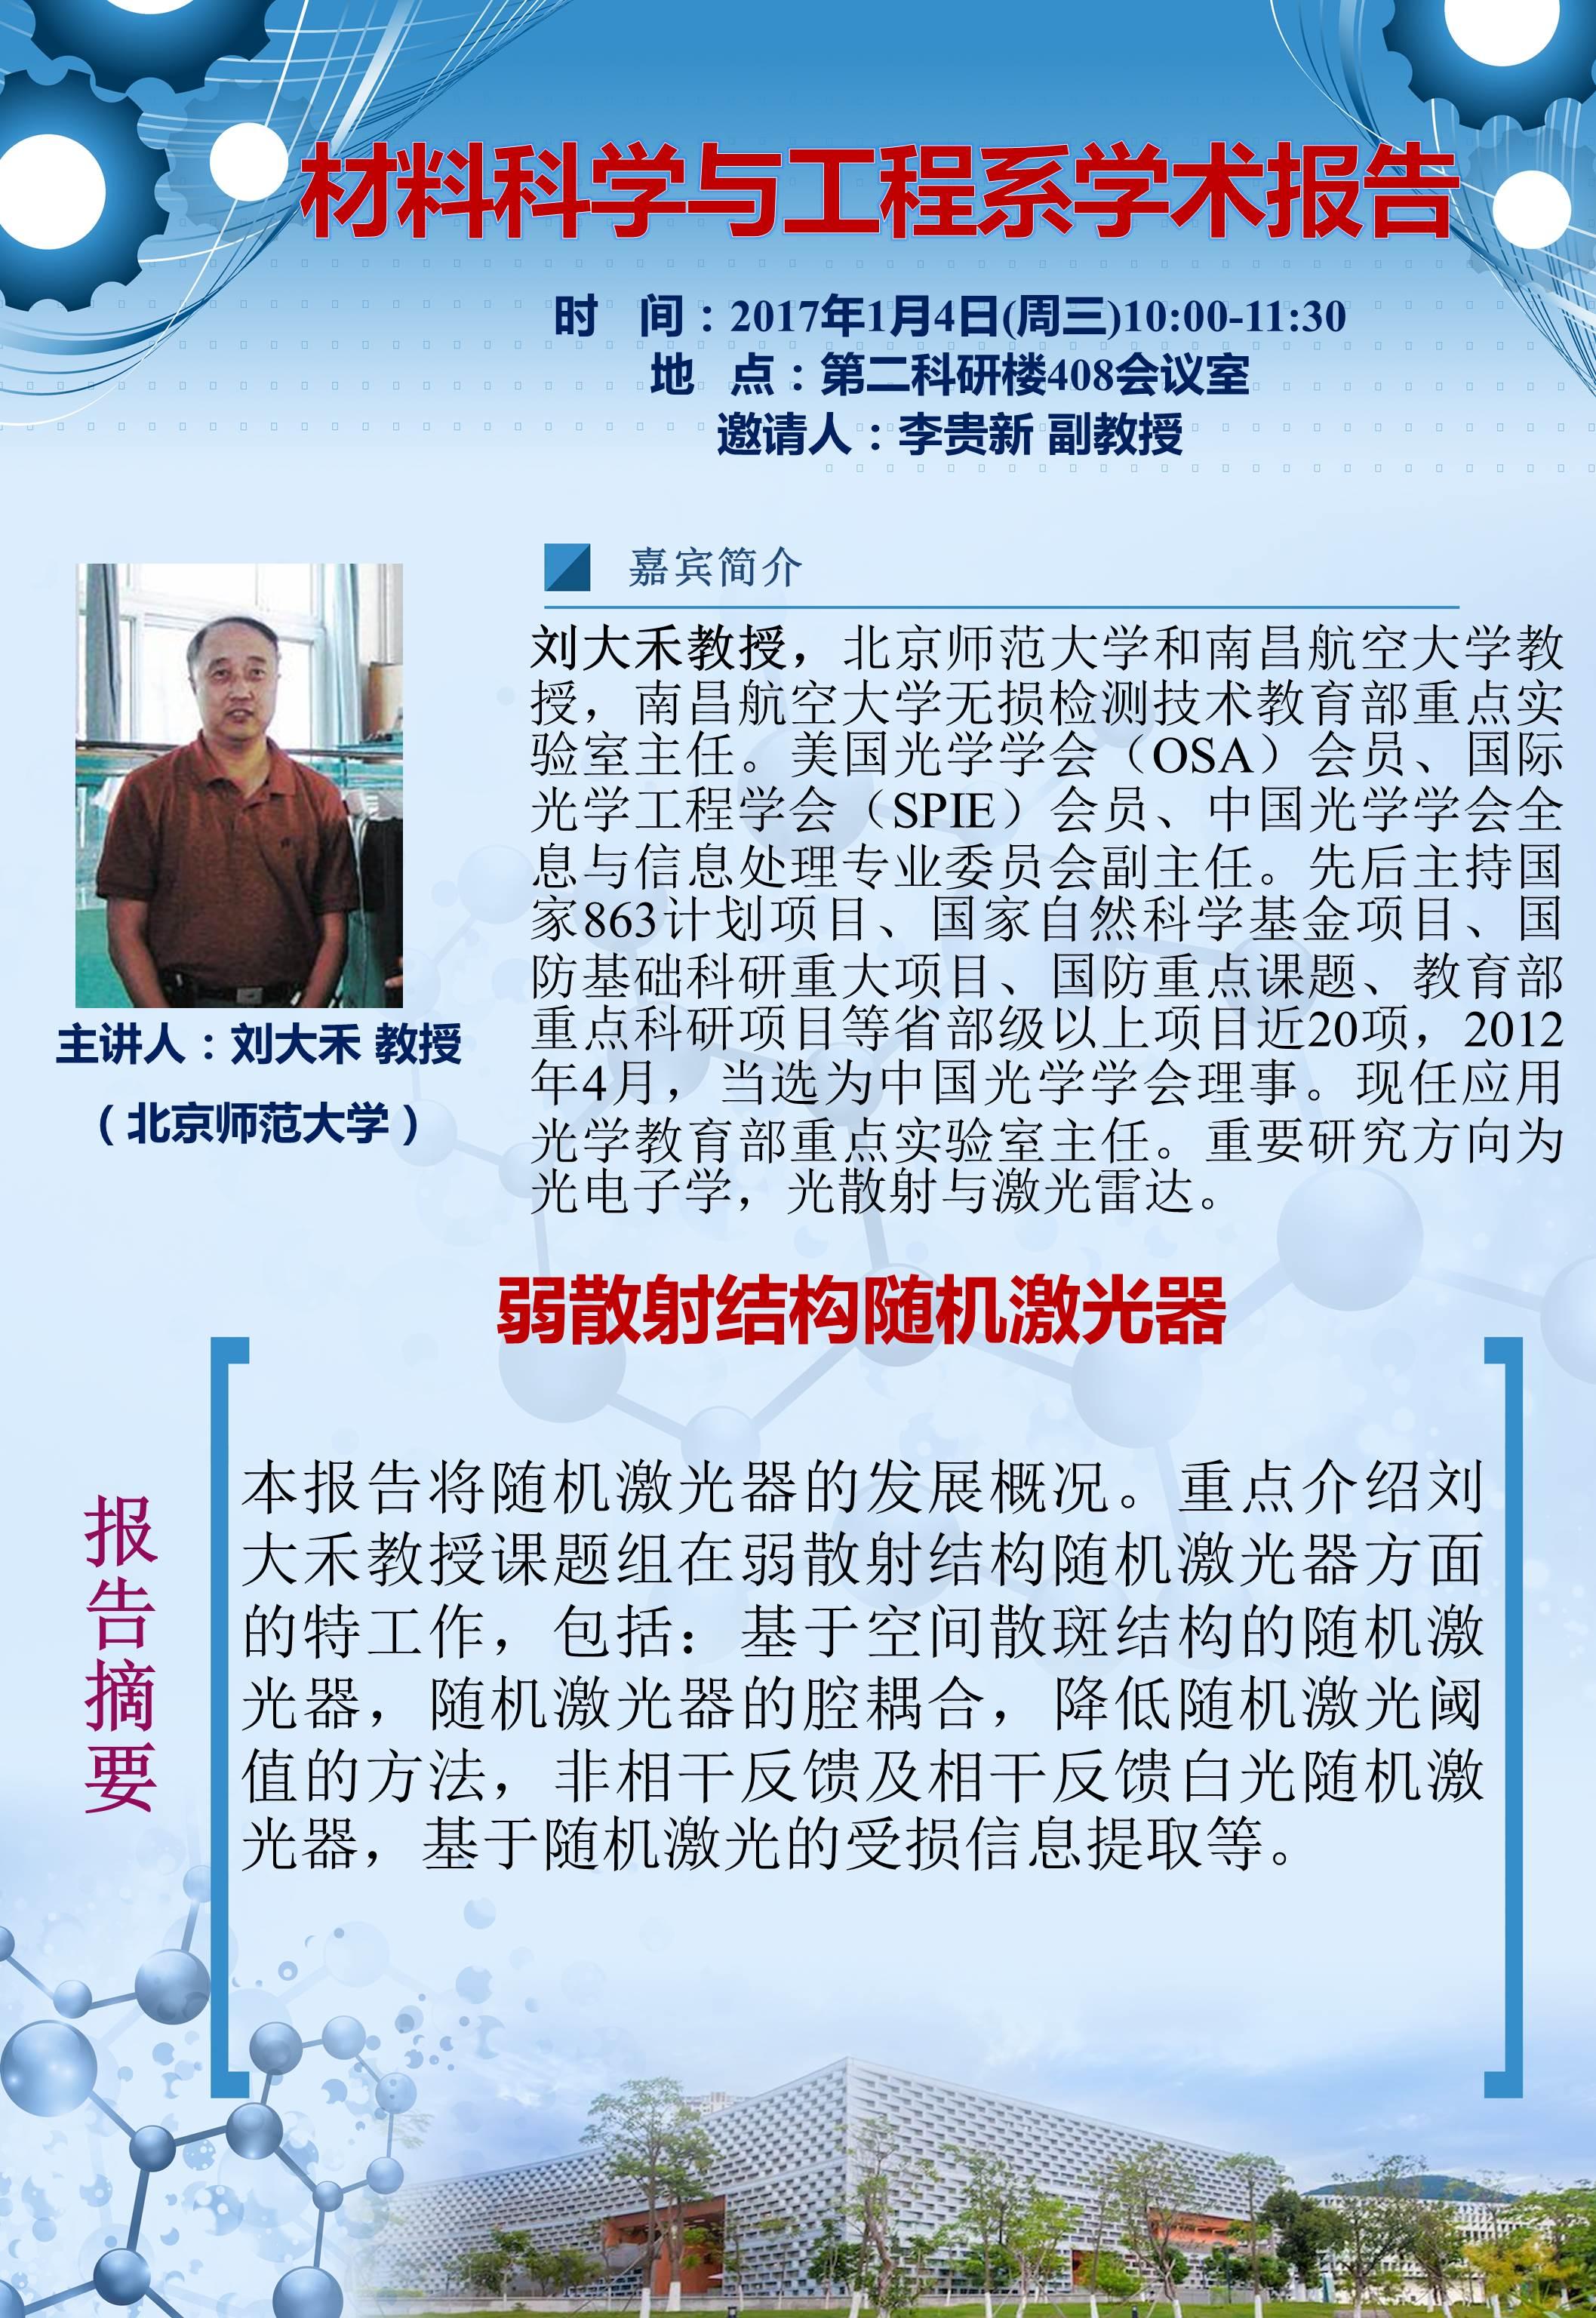 2017年1月4日材料系学术报告---刘大禾教授.jpg